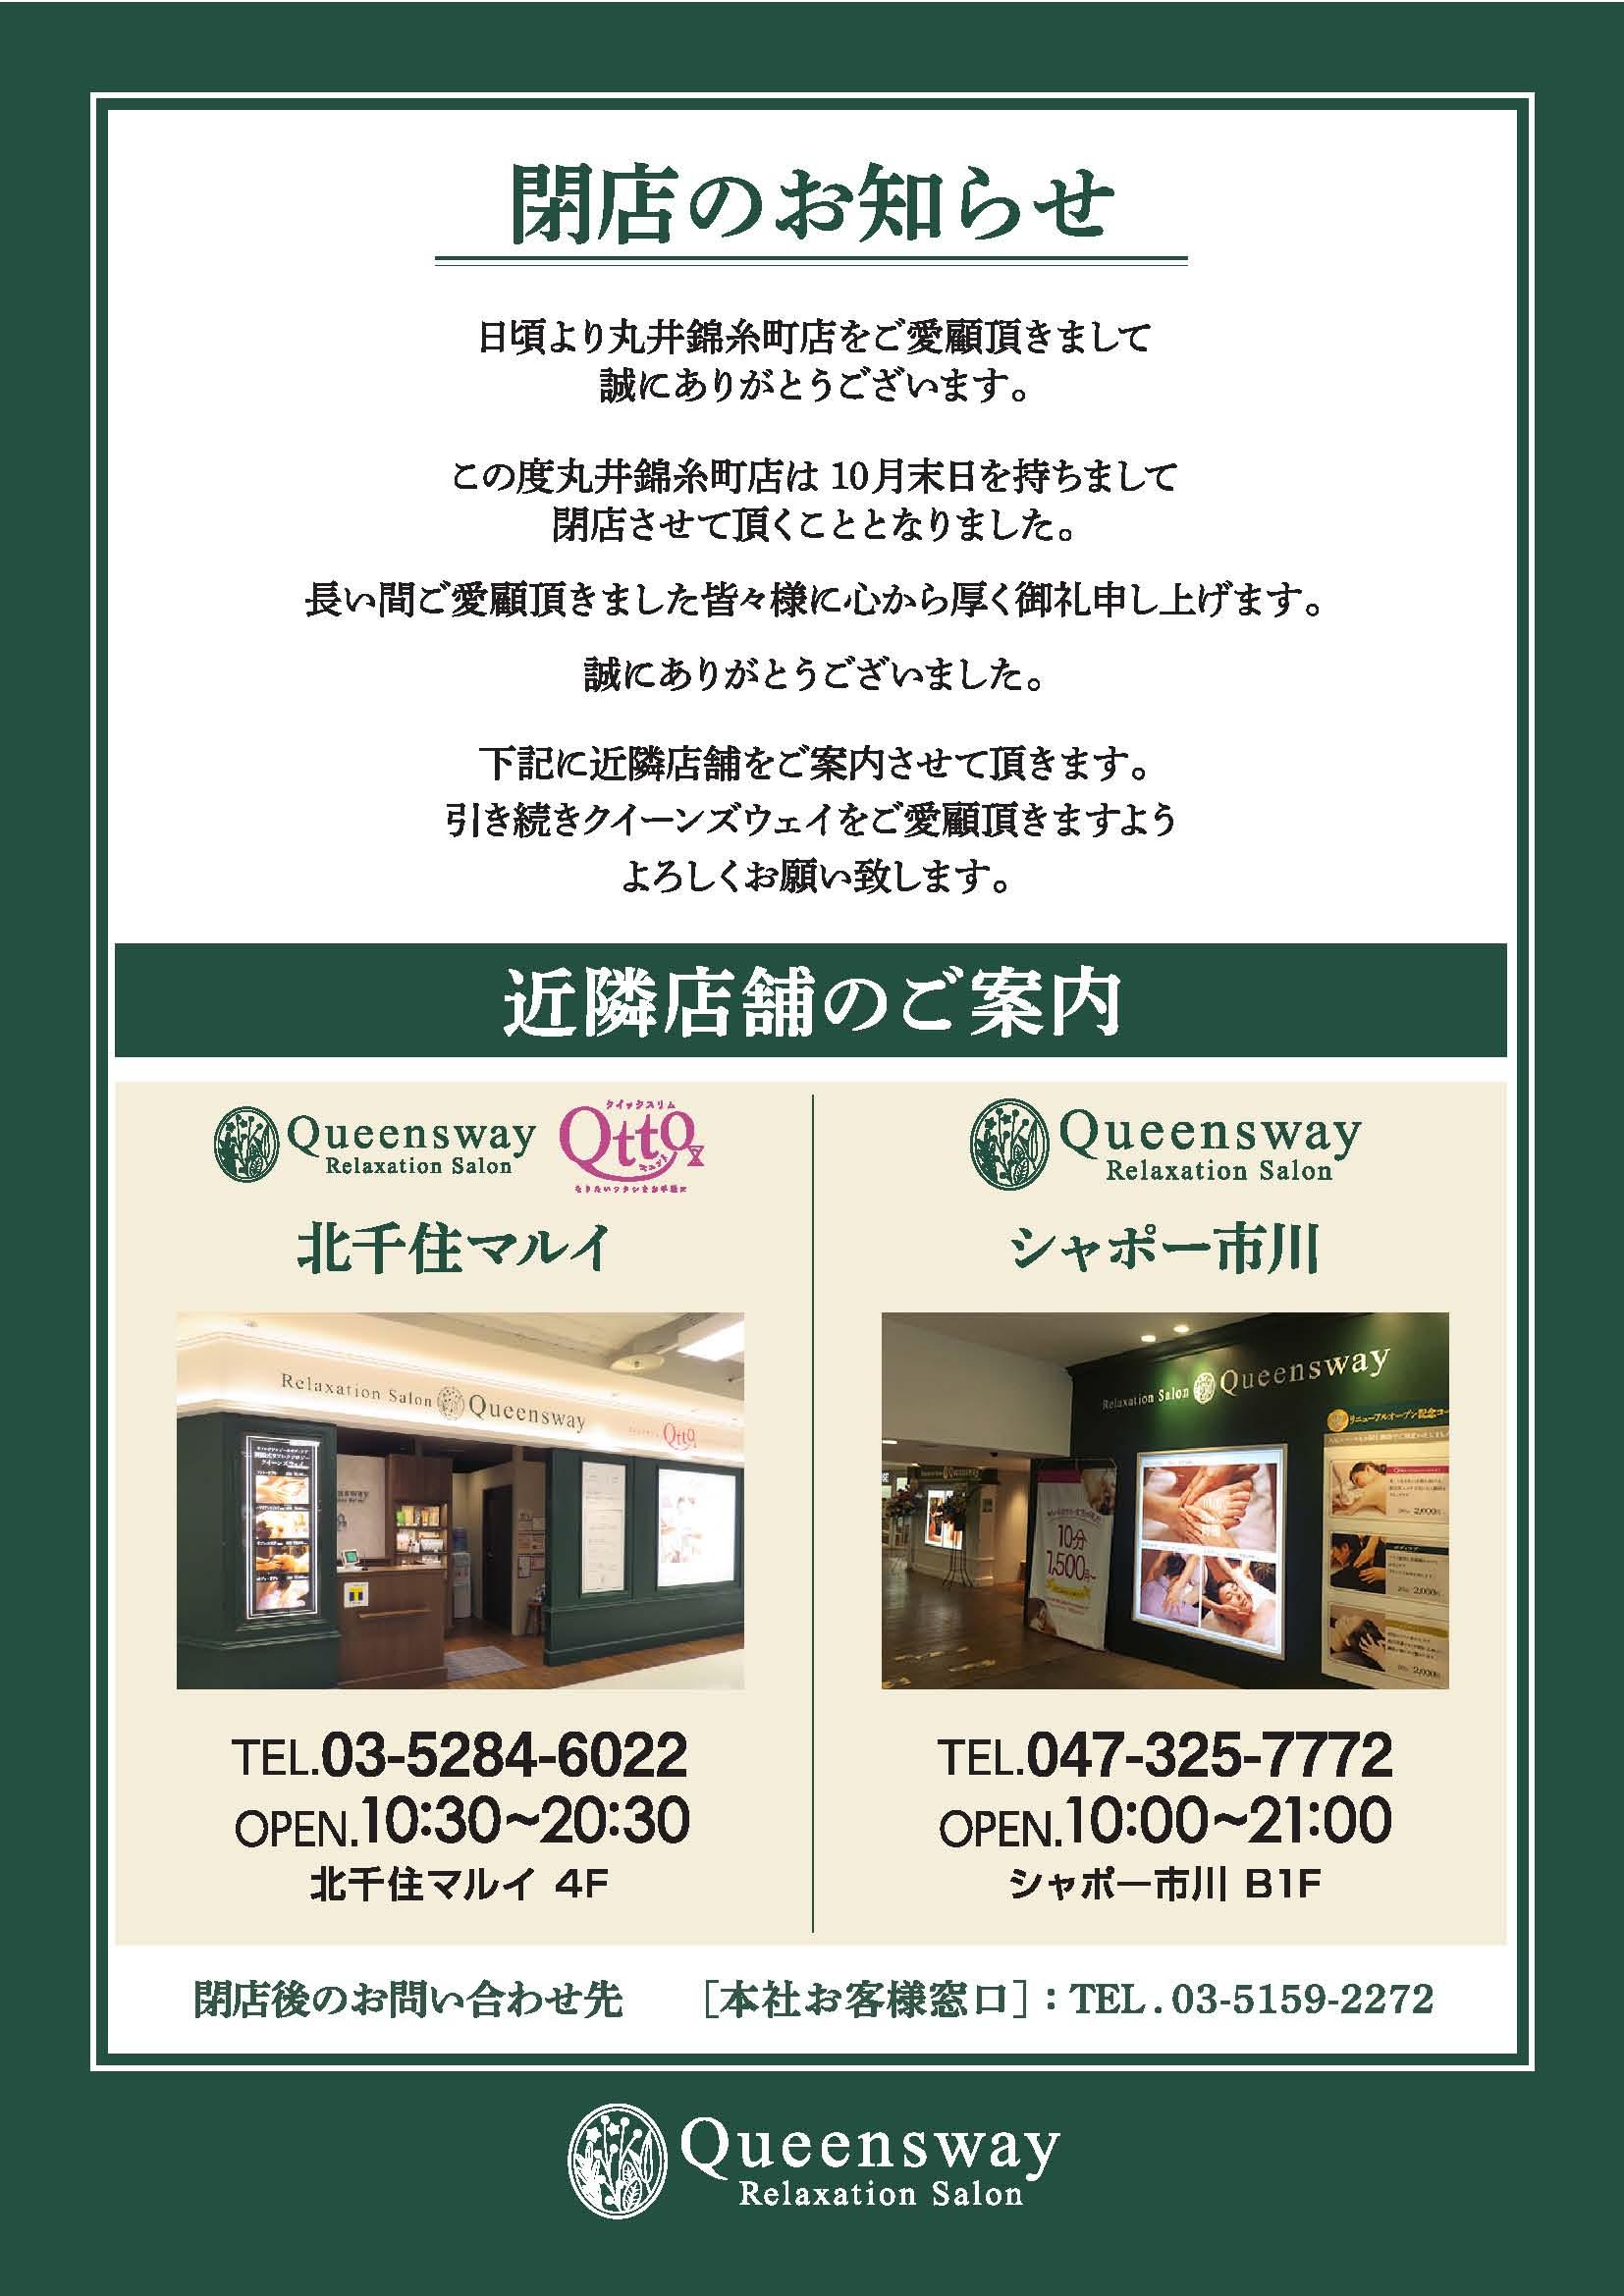 クイーンズウェイ丸井錦糸町 閉店のお知らせ